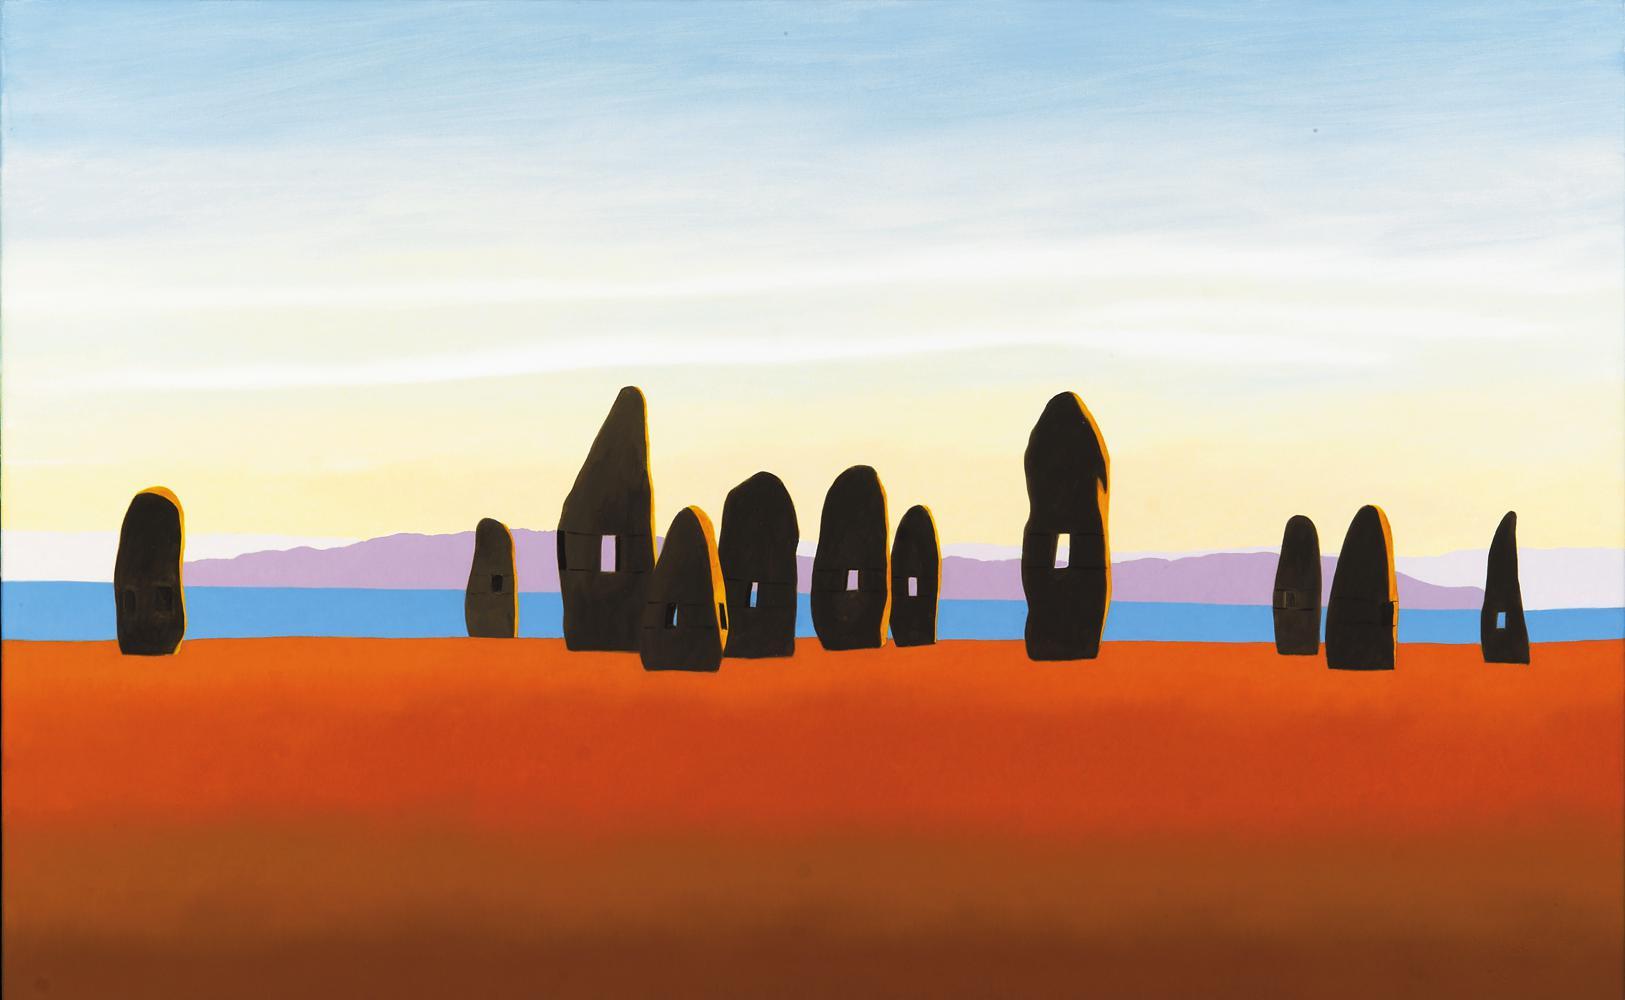 Lo que fuimos, lo que somos, 81 x 130 cm, óleo lienzo, 2003.